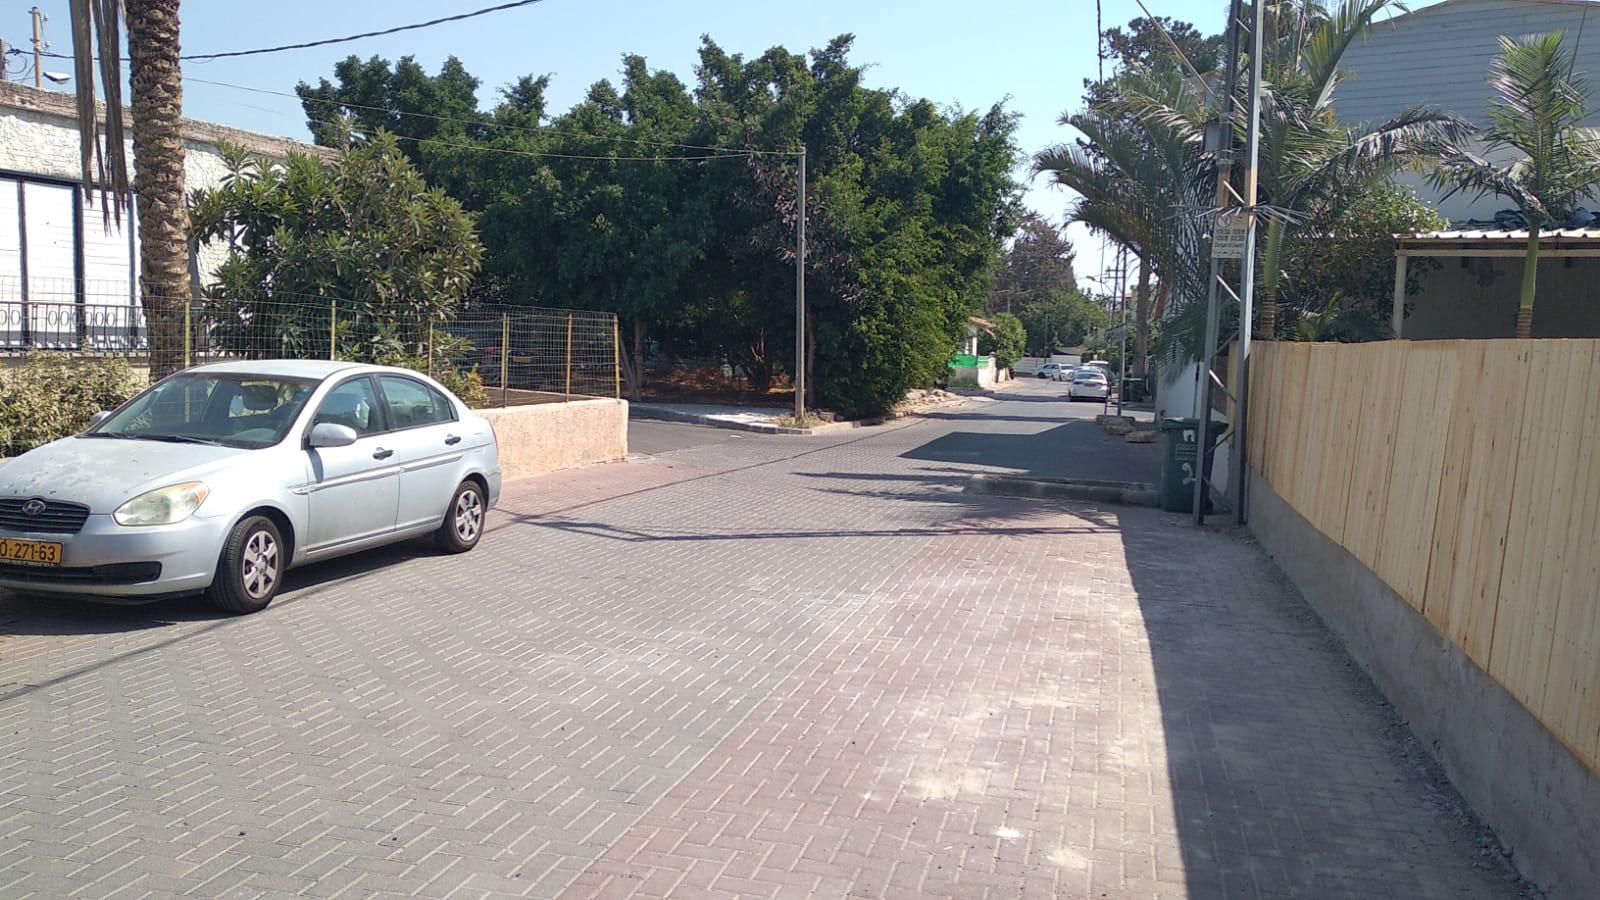 ערבי ירה באוויר סמוך לבית ספר ברמלה ונמלט. התושבים זועמים: